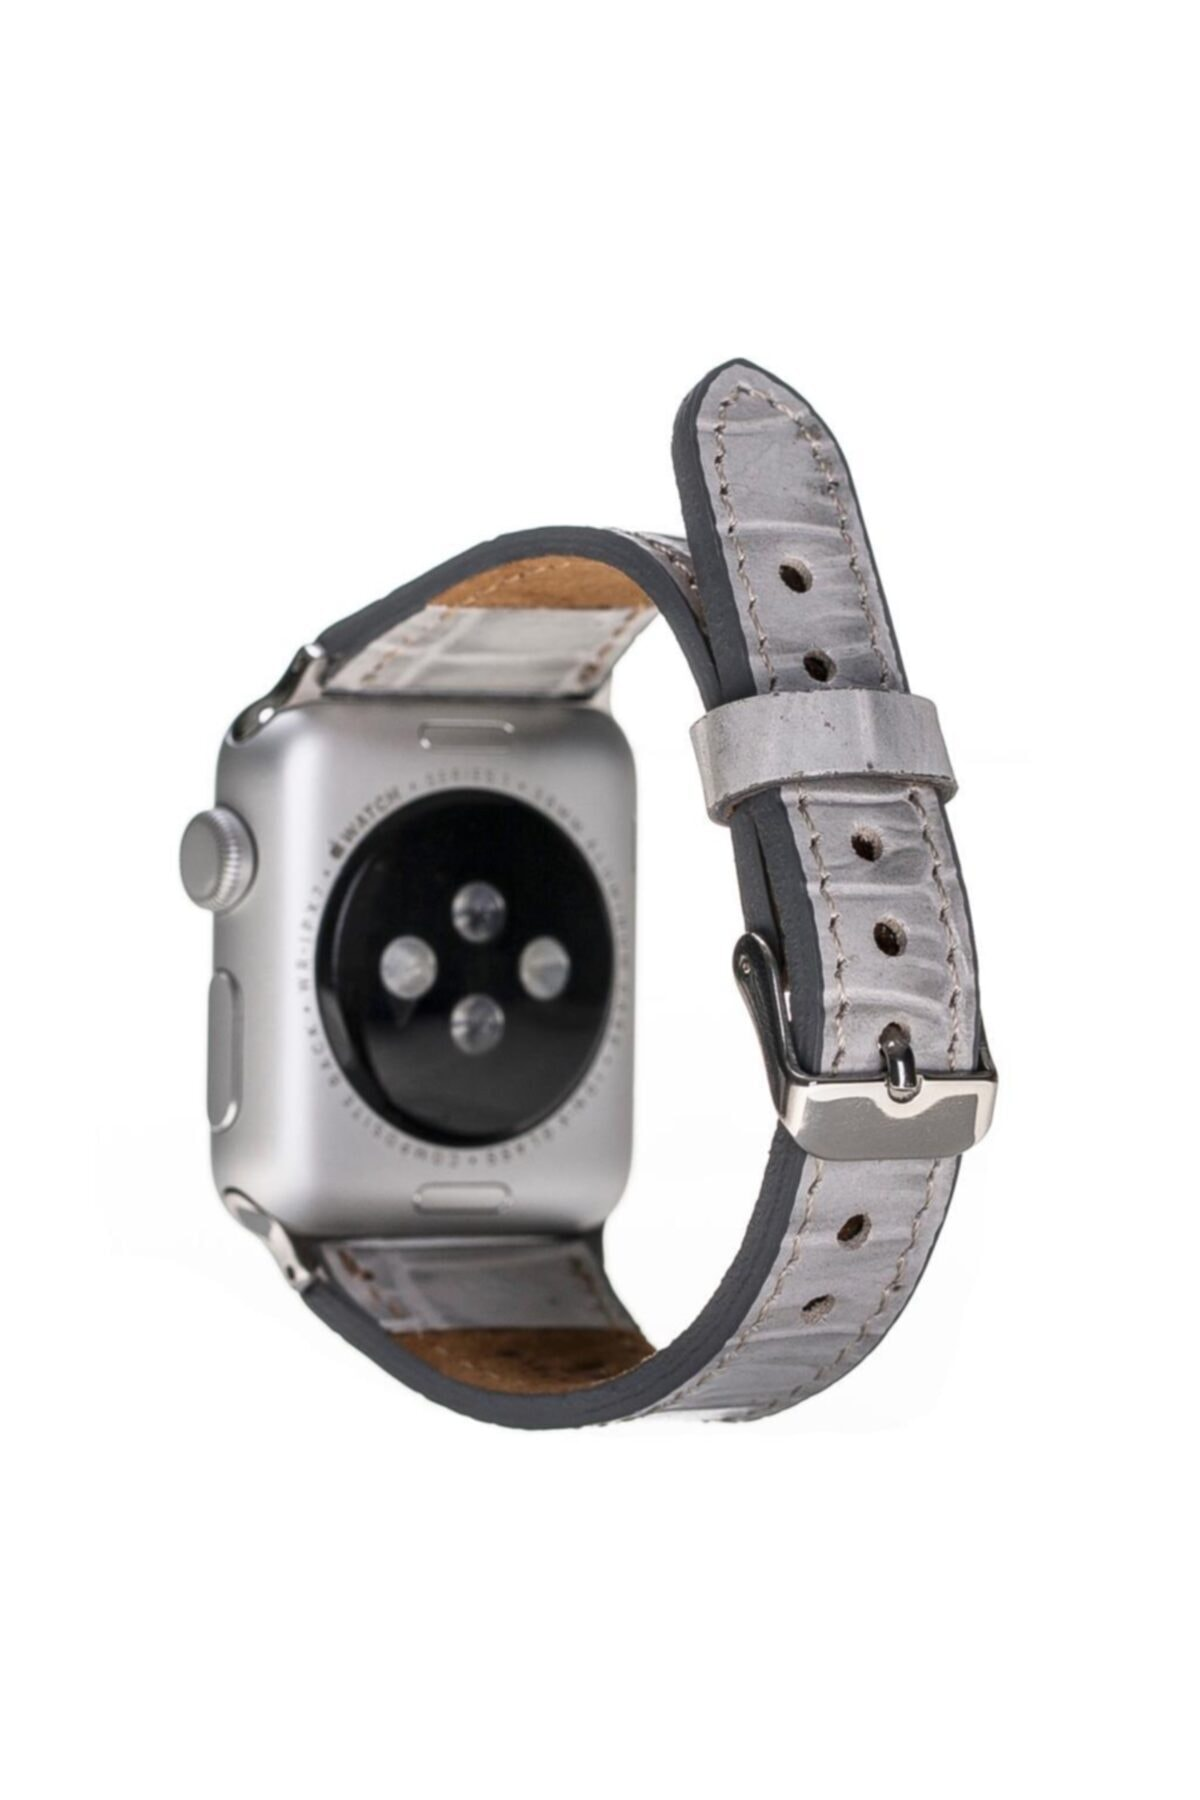 Barchello Apple Watch Deri Kordon 38-42-44mm Croco Yk03 Gri 1